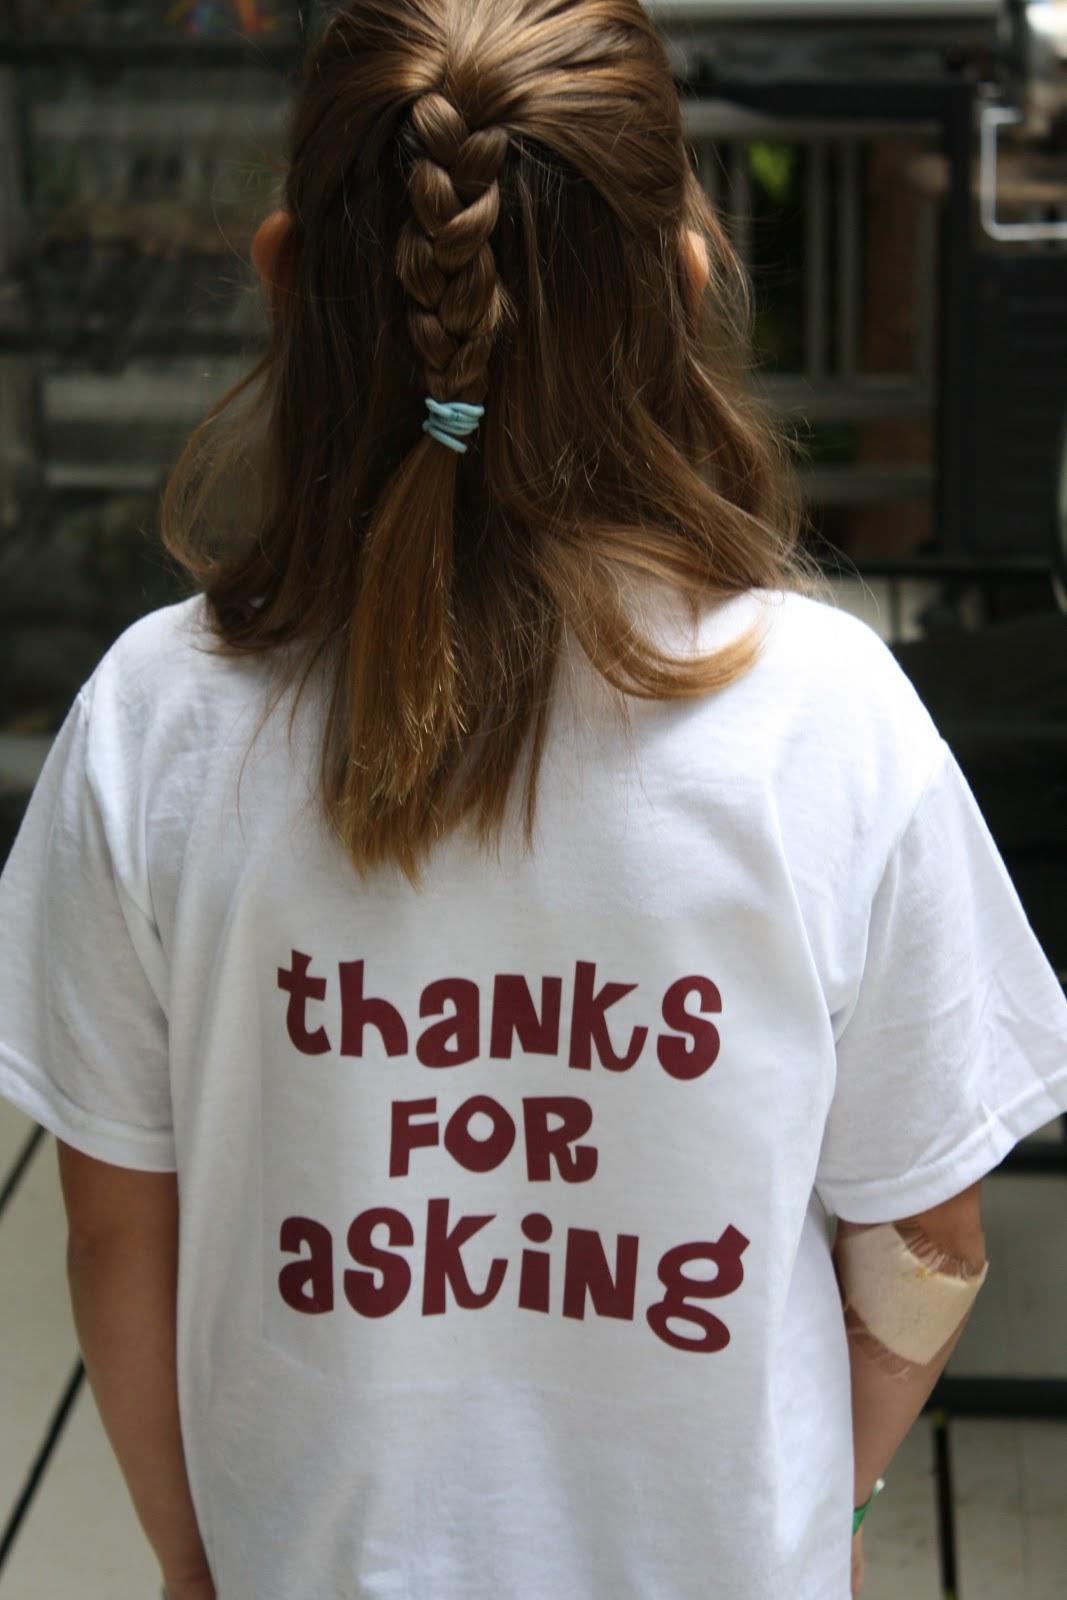 http://1.bp.blogspot.com/-mXmGHjLjHDc/Th3VyuN-ymI/AAAAAAAAAq0/45vE3AxAAyc/s1600/07+13+11_3322.JPG